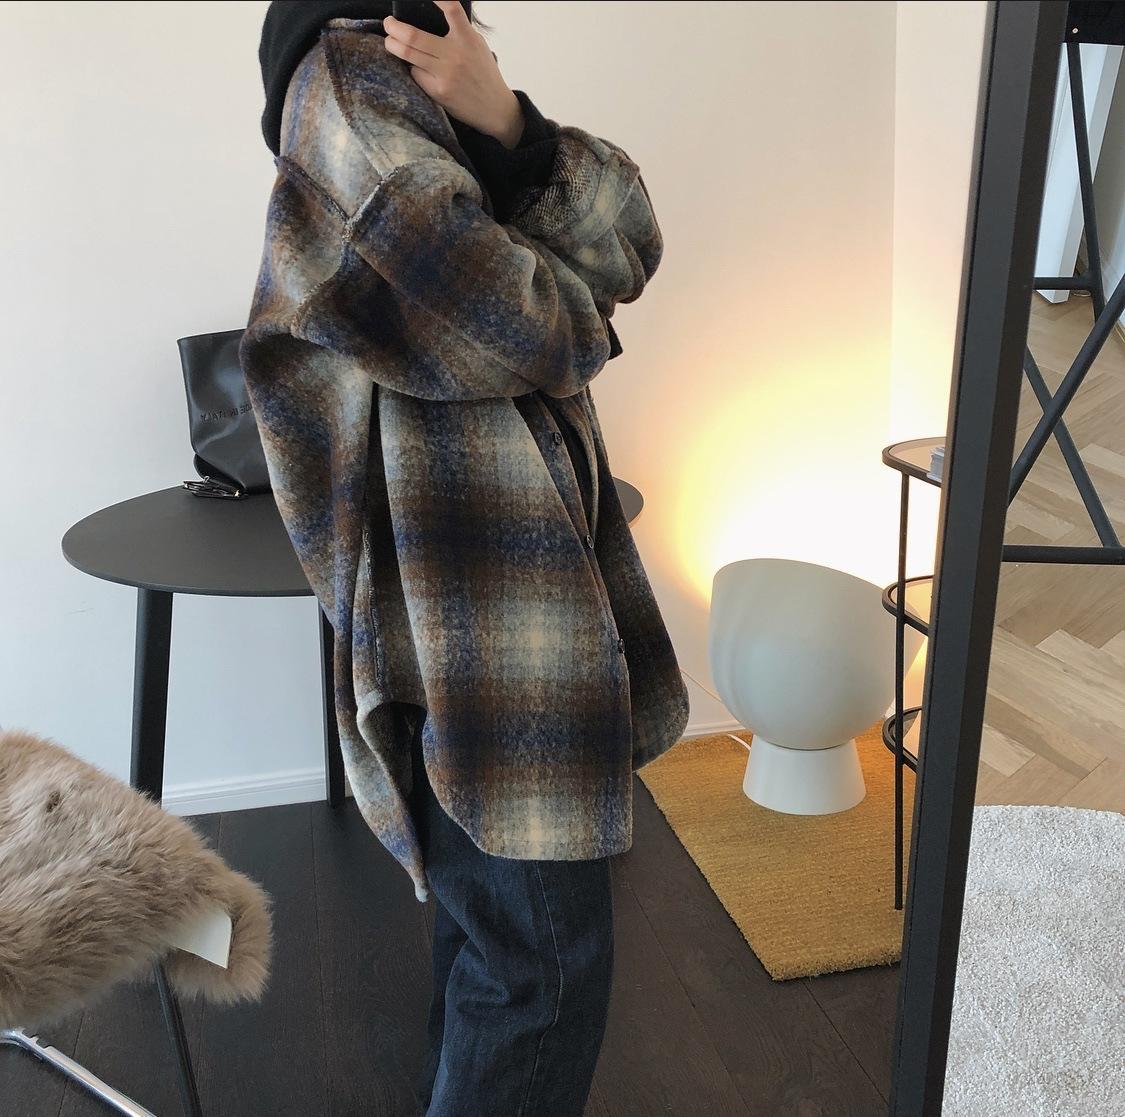 Lufu kış Yeni Kore tarzı Yün büyük boy erkek arkadaşı stil Büyük profil kadınlar için yün ceket rahat gevşek ceket ekose